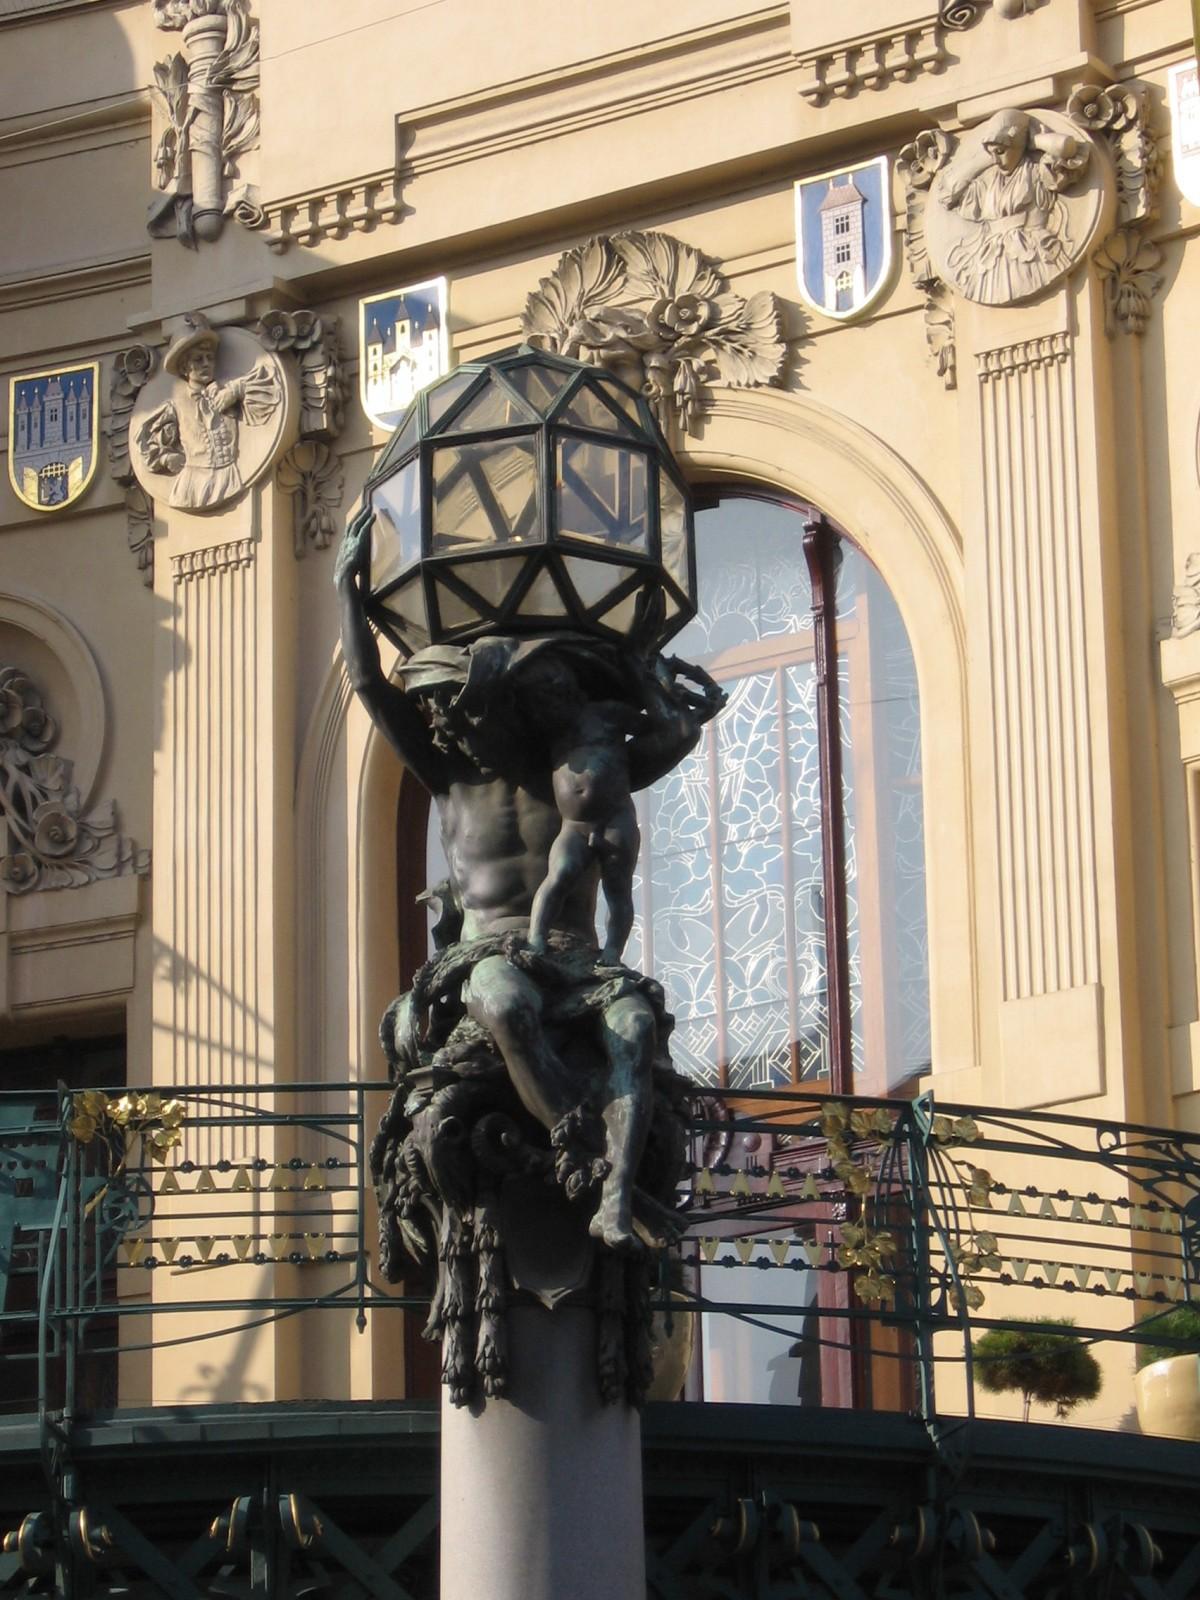 free images   cloud  sky  monument  statue  reflection  museum  landmark  blue  atlas  sculpture